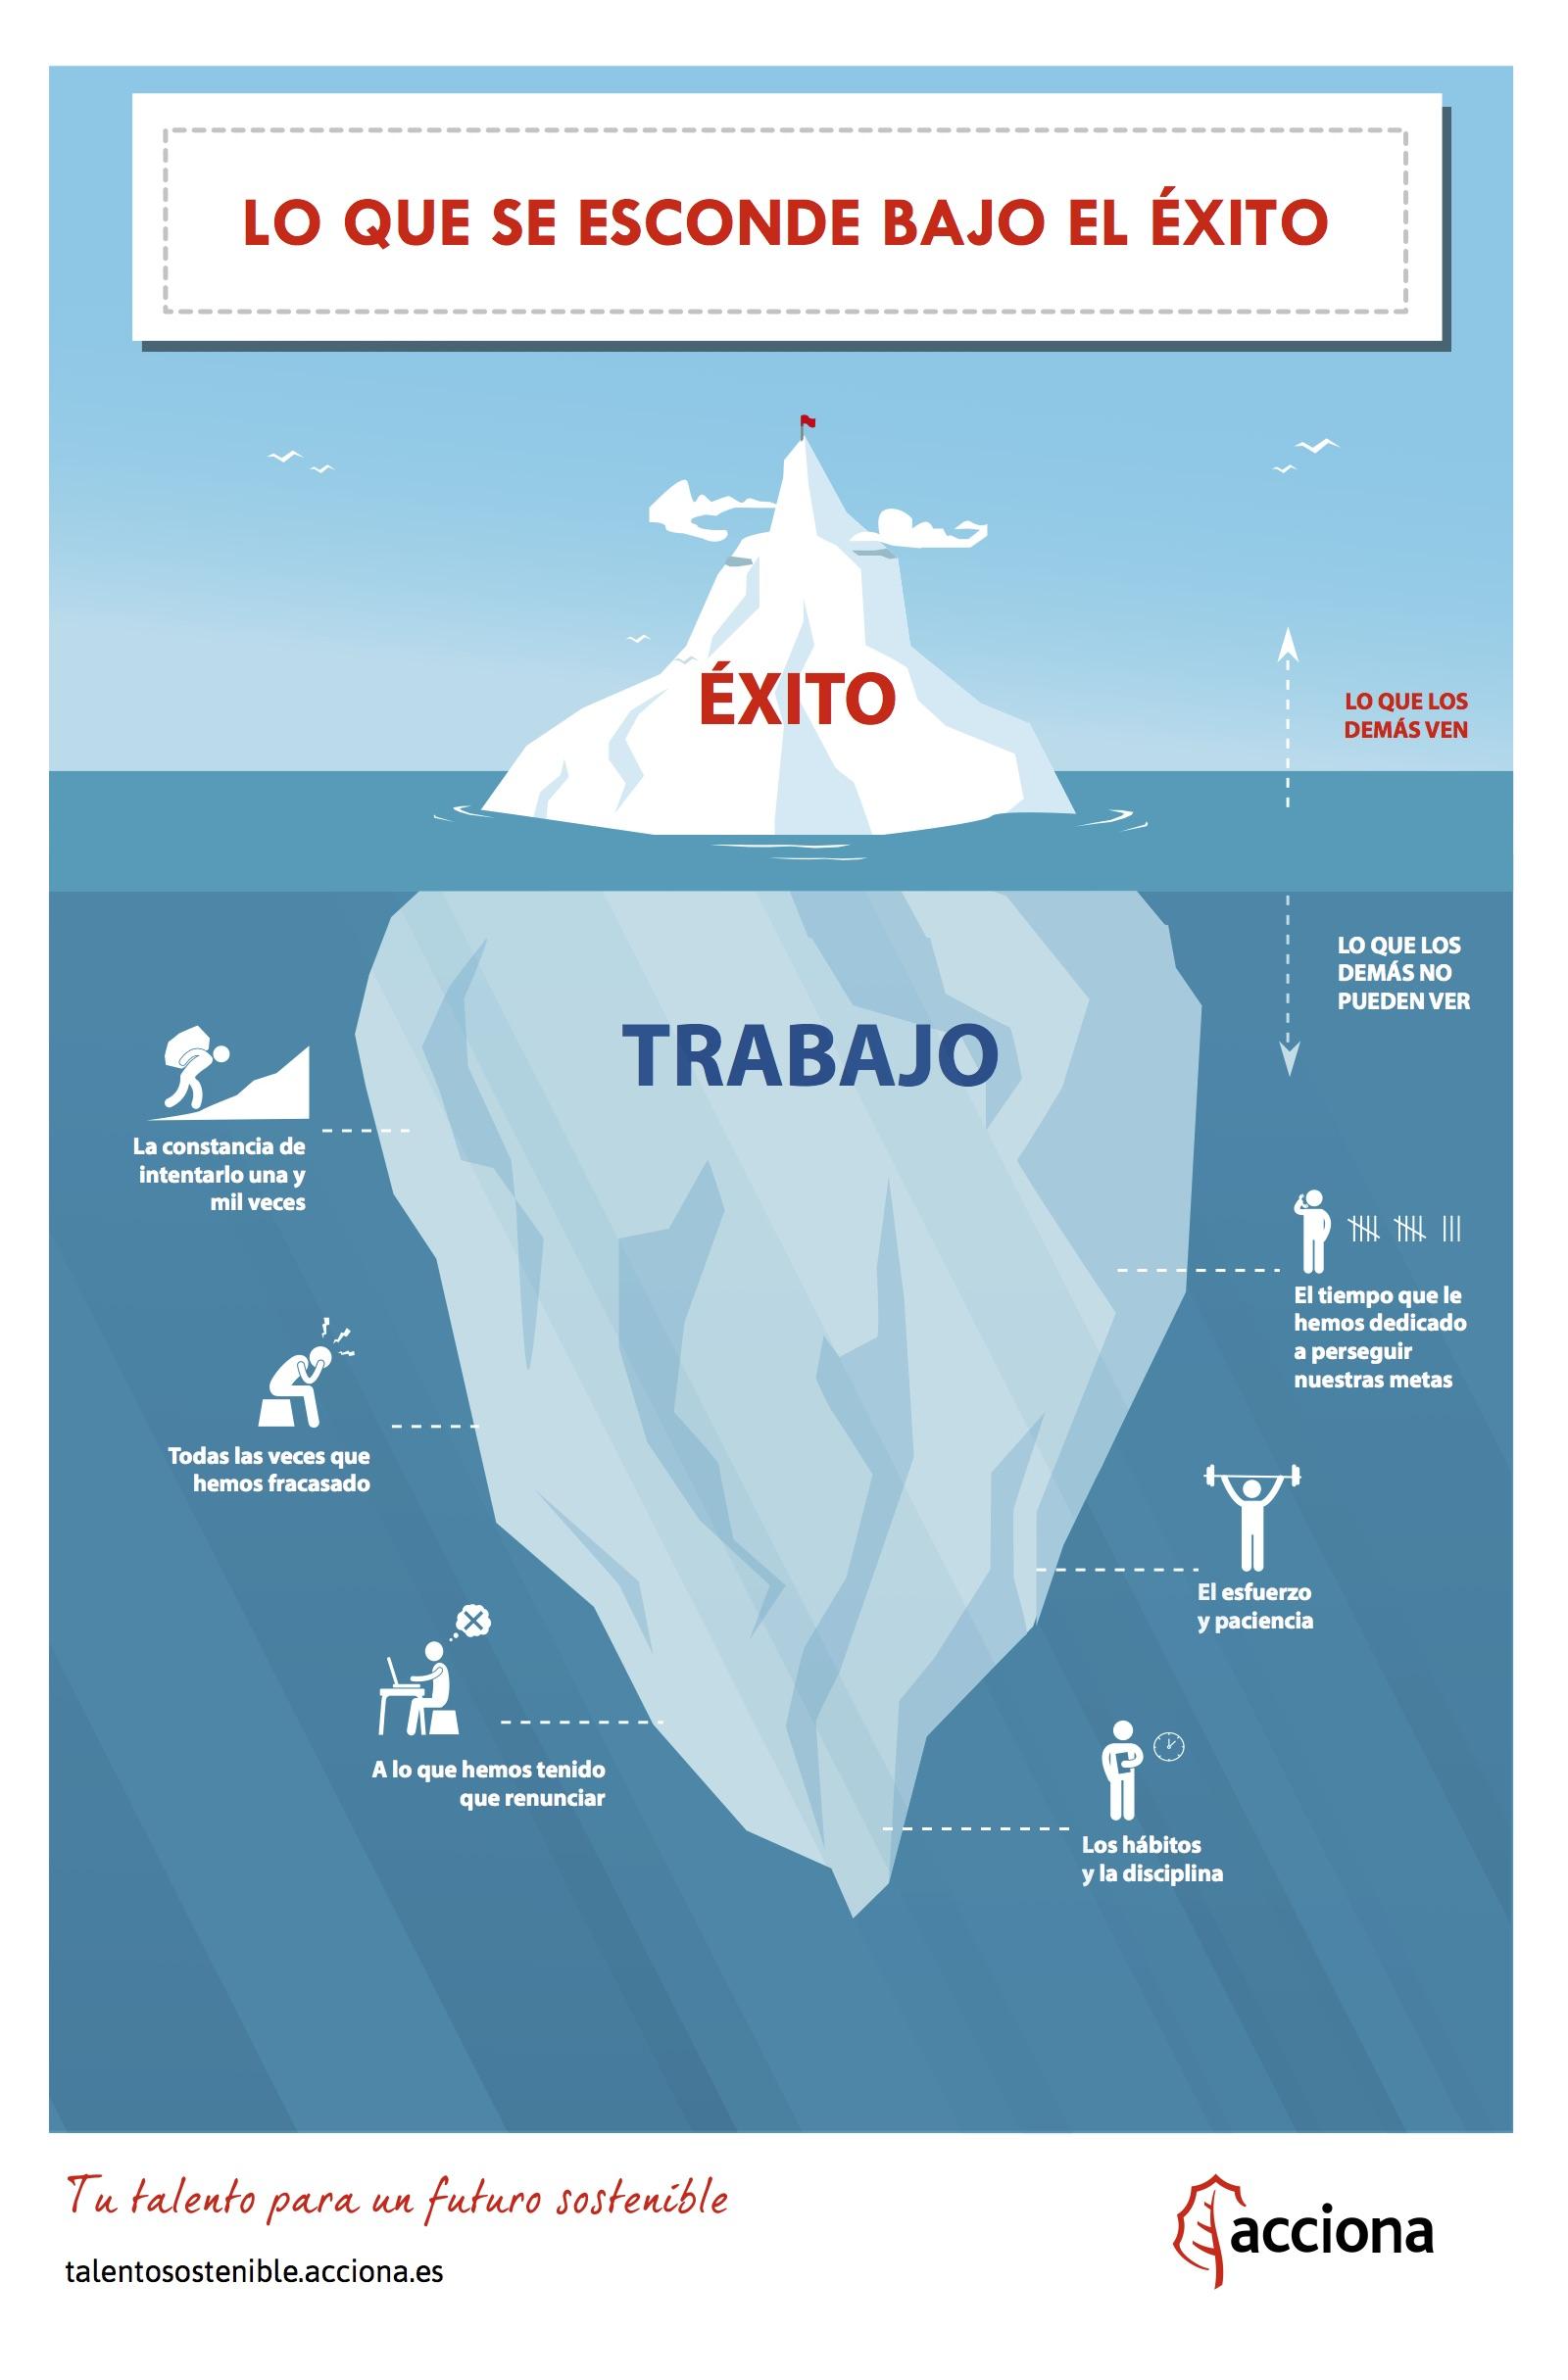 Teoria del Iceberg canal empleo ACCIONA